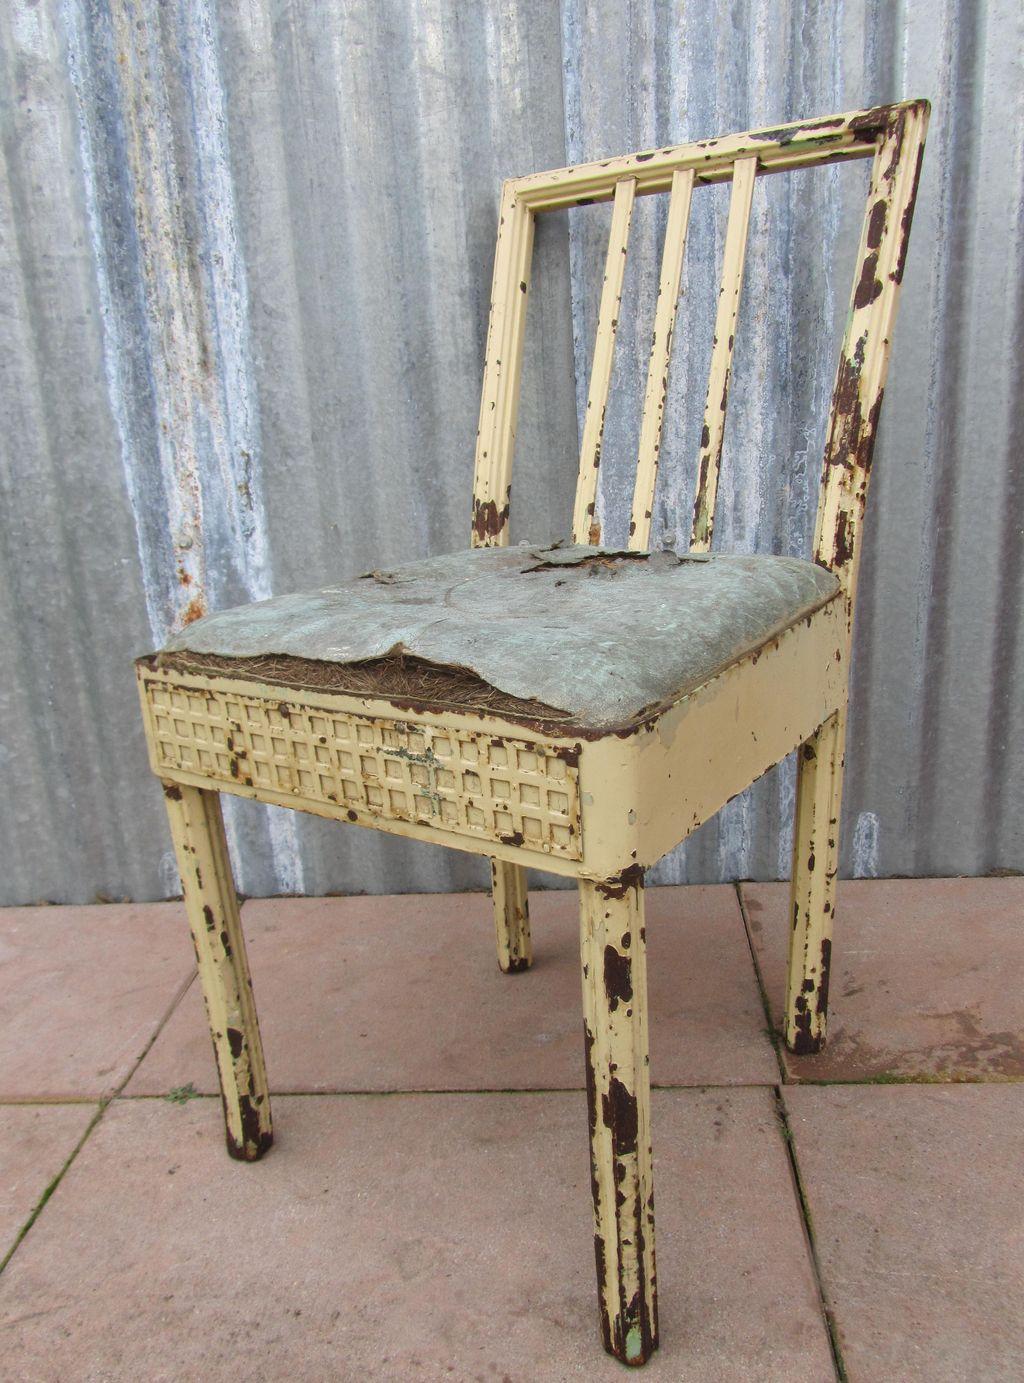 Industrieel Design Vintage.Antique Industrial Iron Chair Decor Piece